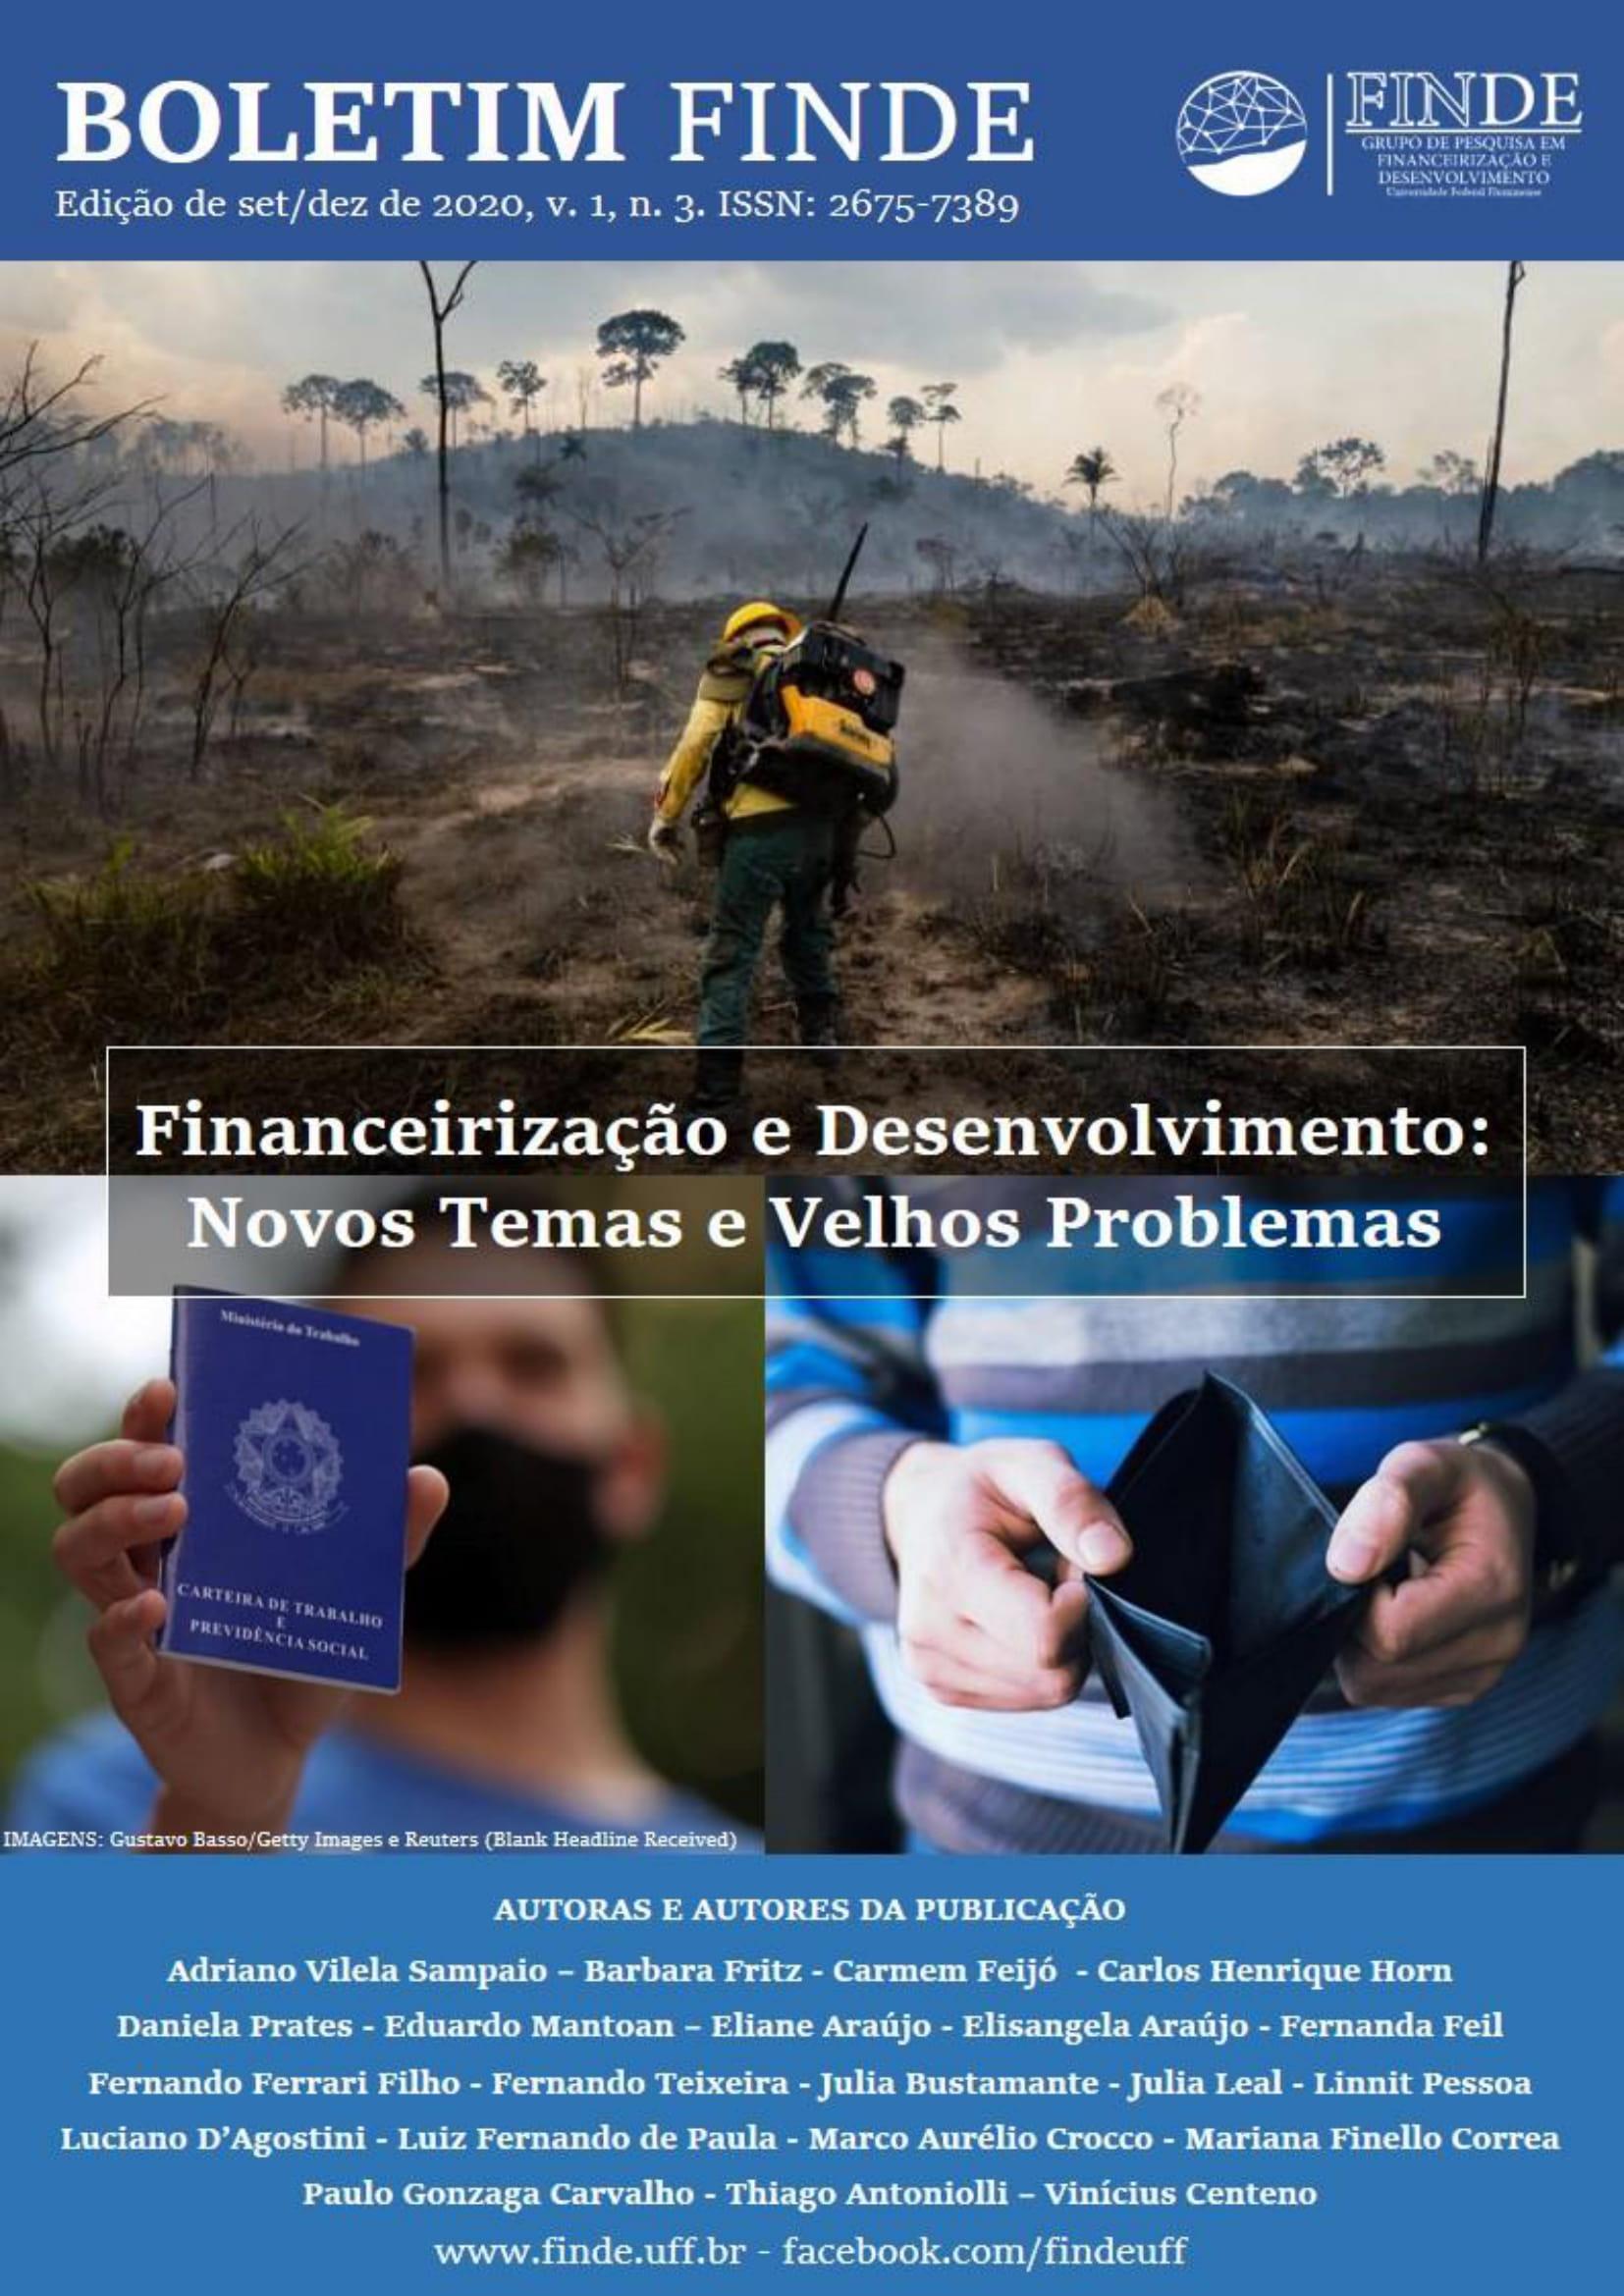 Boletim nº 03 - Financeirização e Desenvolvimento: Novos Temas e Velhos Problemas